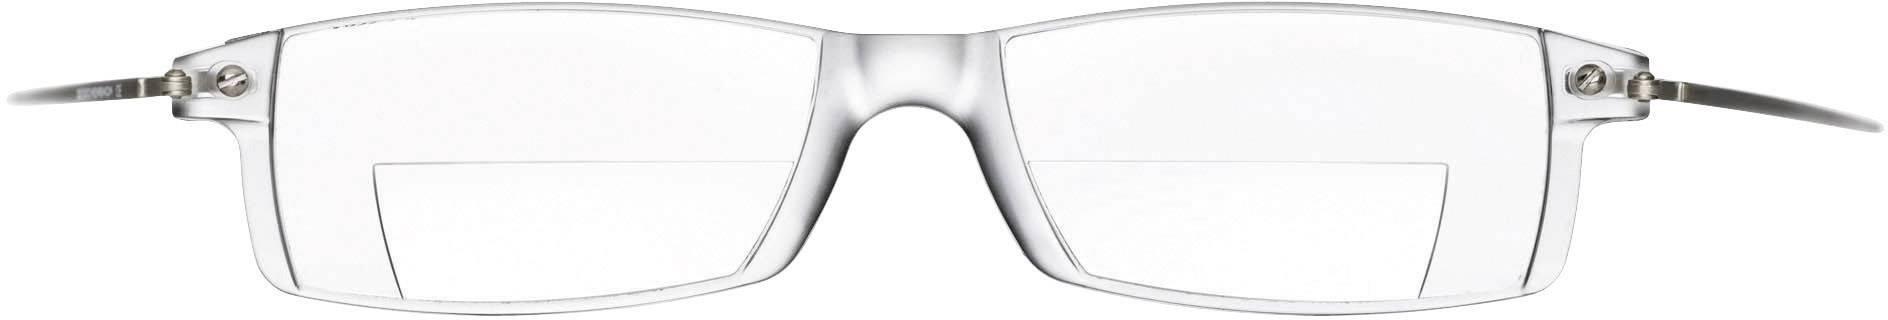 Brýle s lupou Eschenbach Miniframe Bifo 2906036, 2,5x